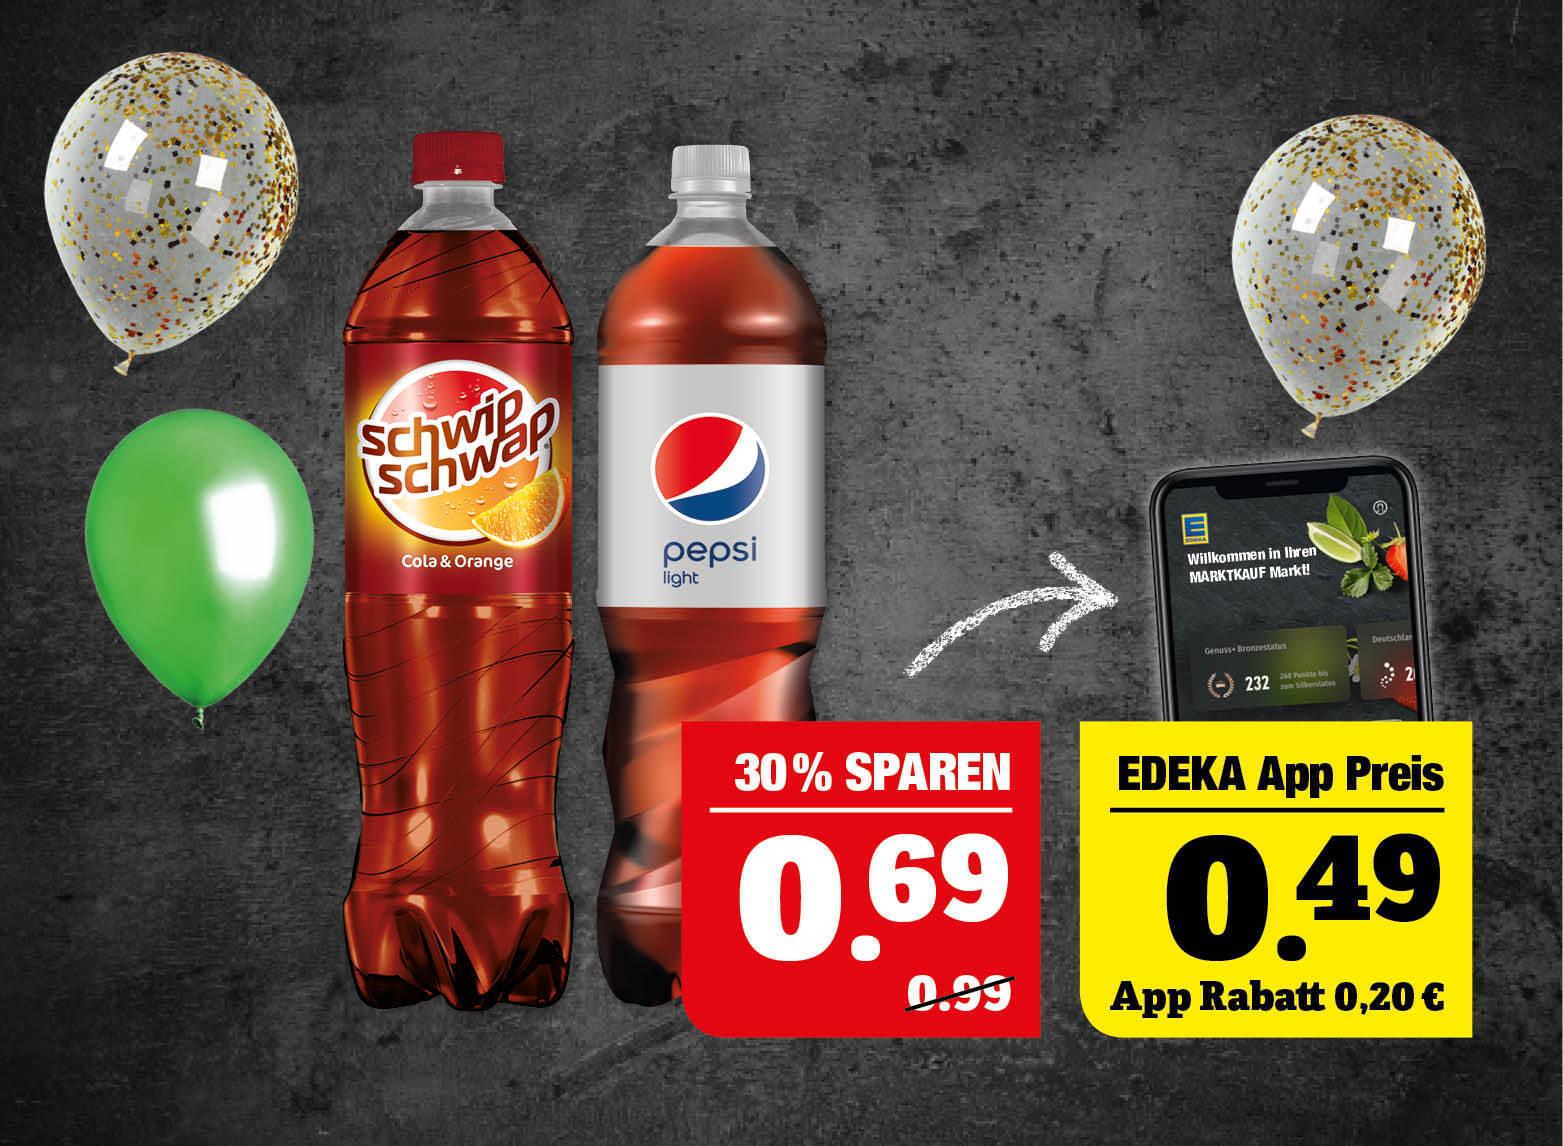 schwip schwap*, pepsi* - verschiedene Sorten. mirinda oder 7up - 1,5Liter Flasche +0,25Pfand, 1l=0,46. *koffeinhaltige Limonade.